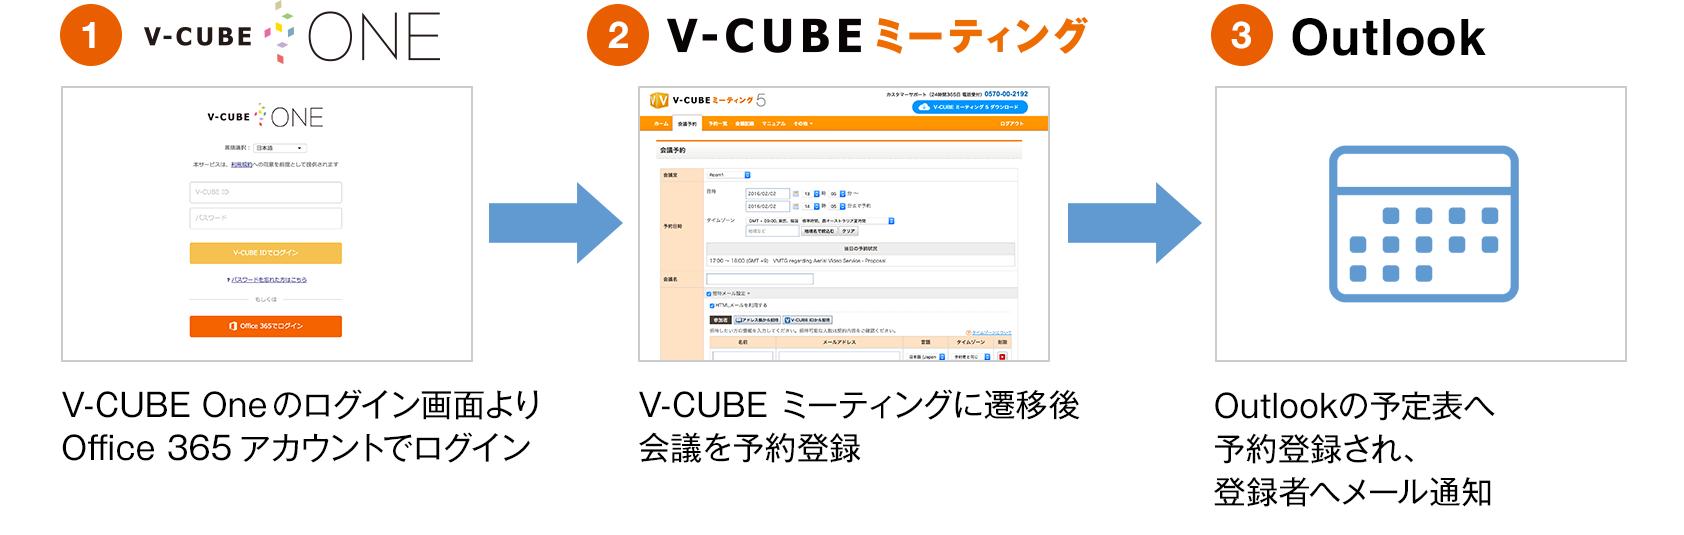 V-CUBE ミーティング からOutlookの予定表への予約登録